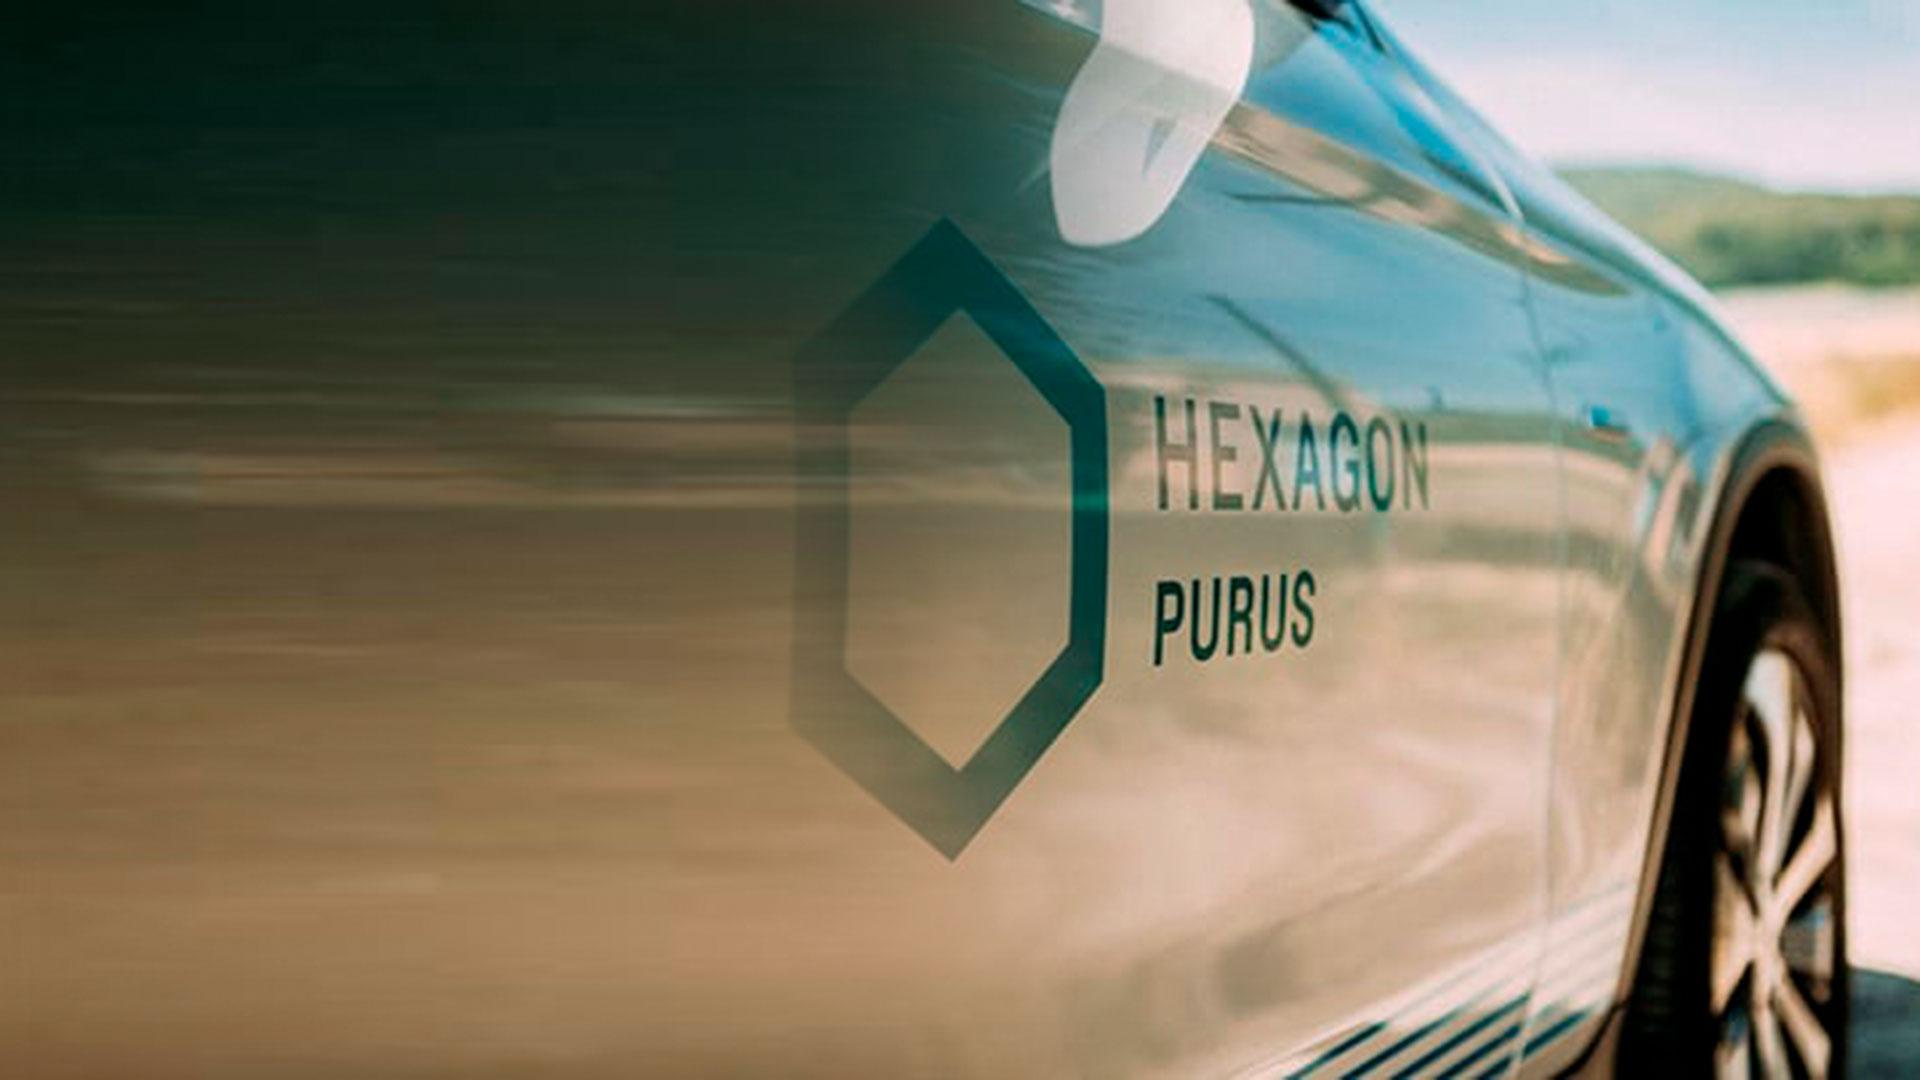 Hexagon Purus übernimmt Wystrach GmbH